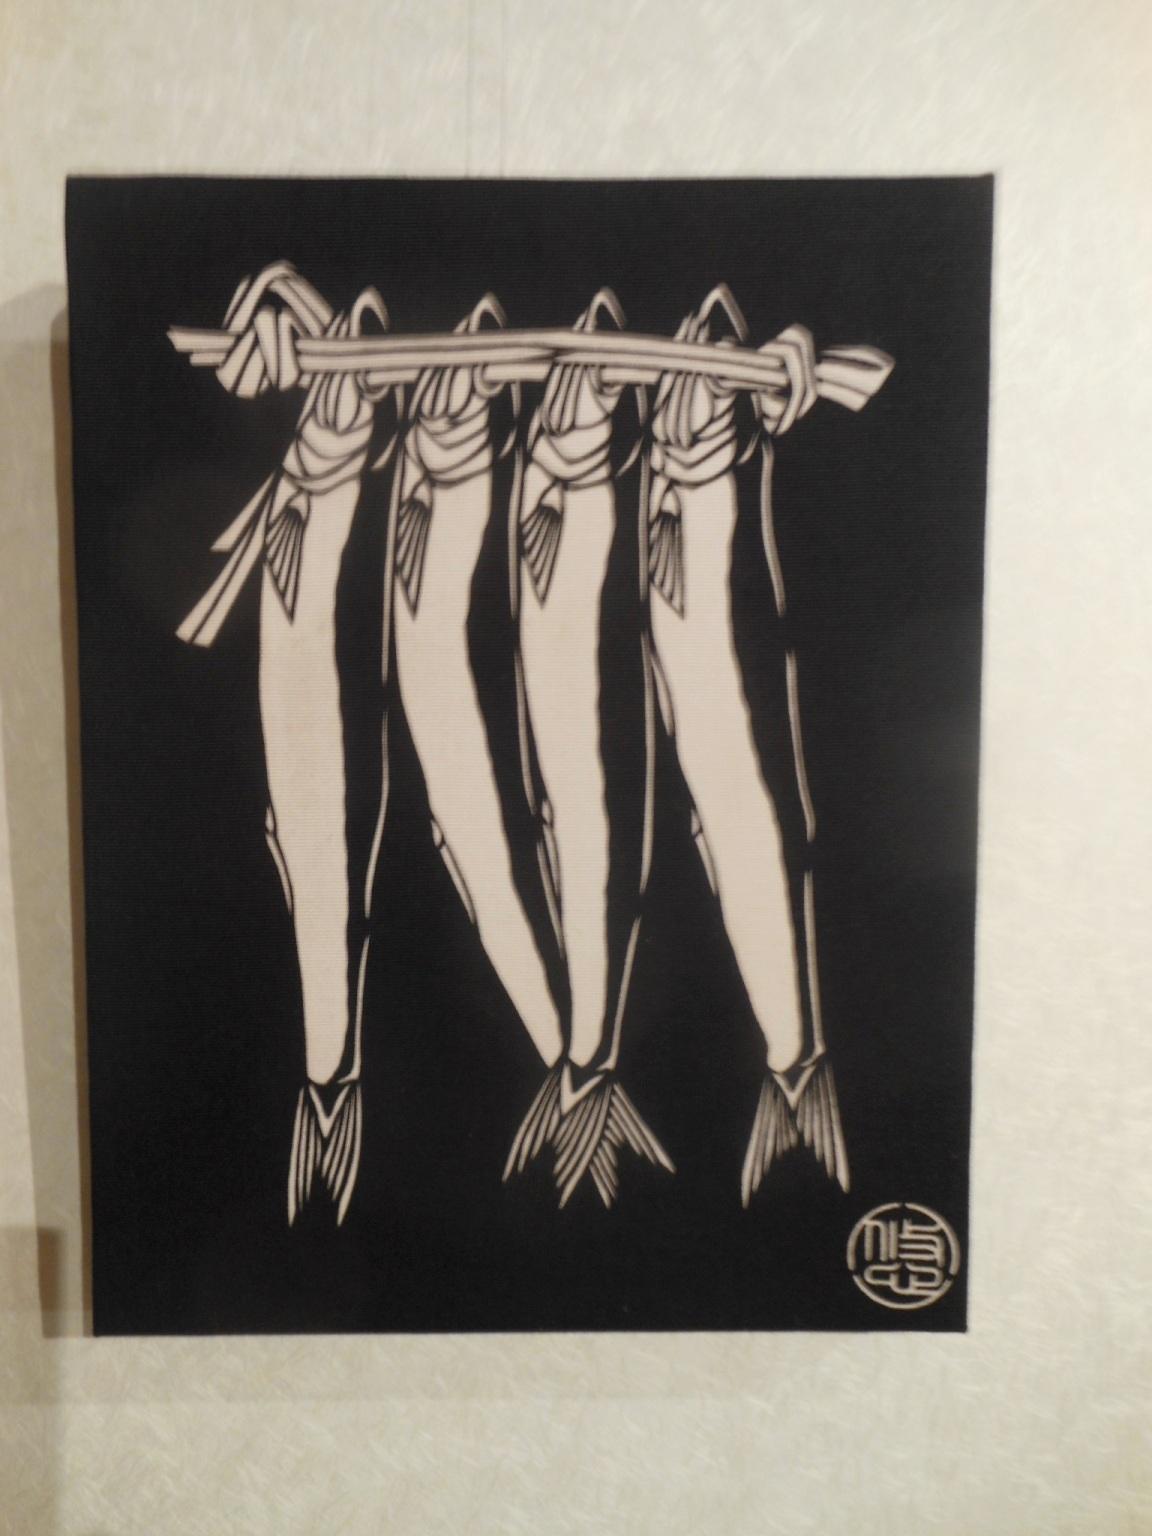 1855) 「工藤ユウ 型染作品展 『干物展』」 g.犬養 終了10月24日(水)~10月29日(月)  _f0126829_22184565.jpg